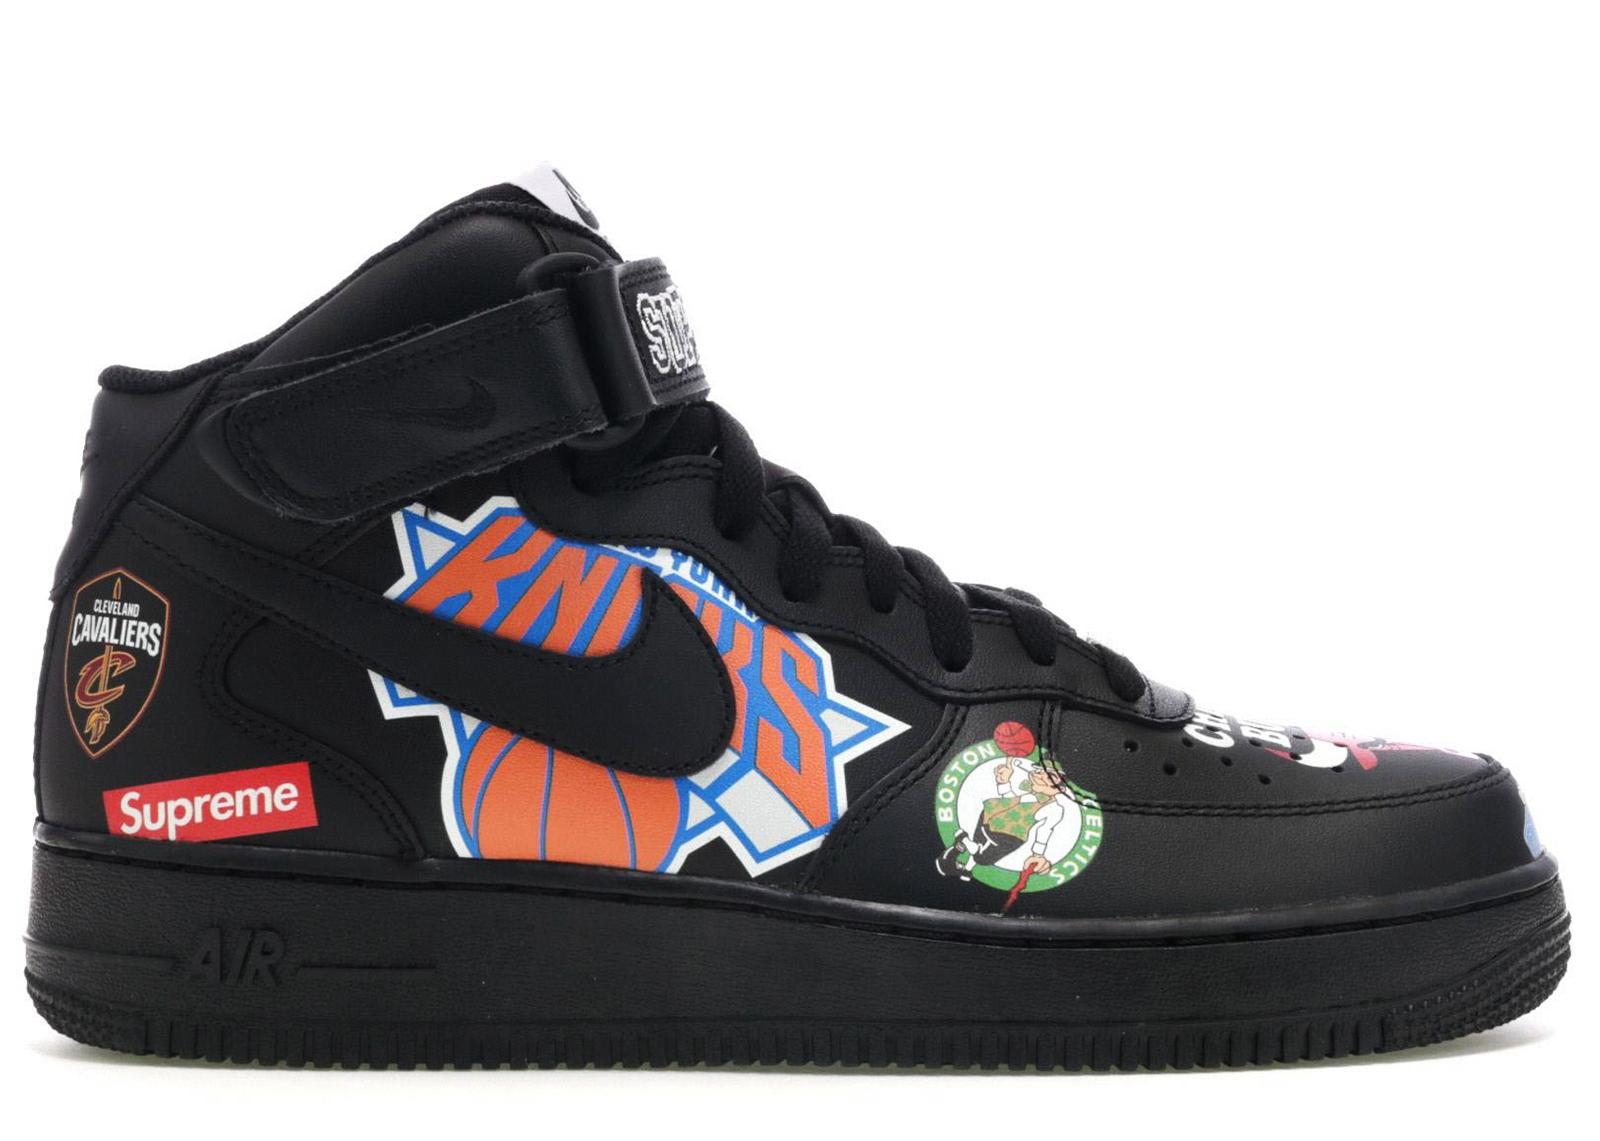 chaussure air force 1 nba